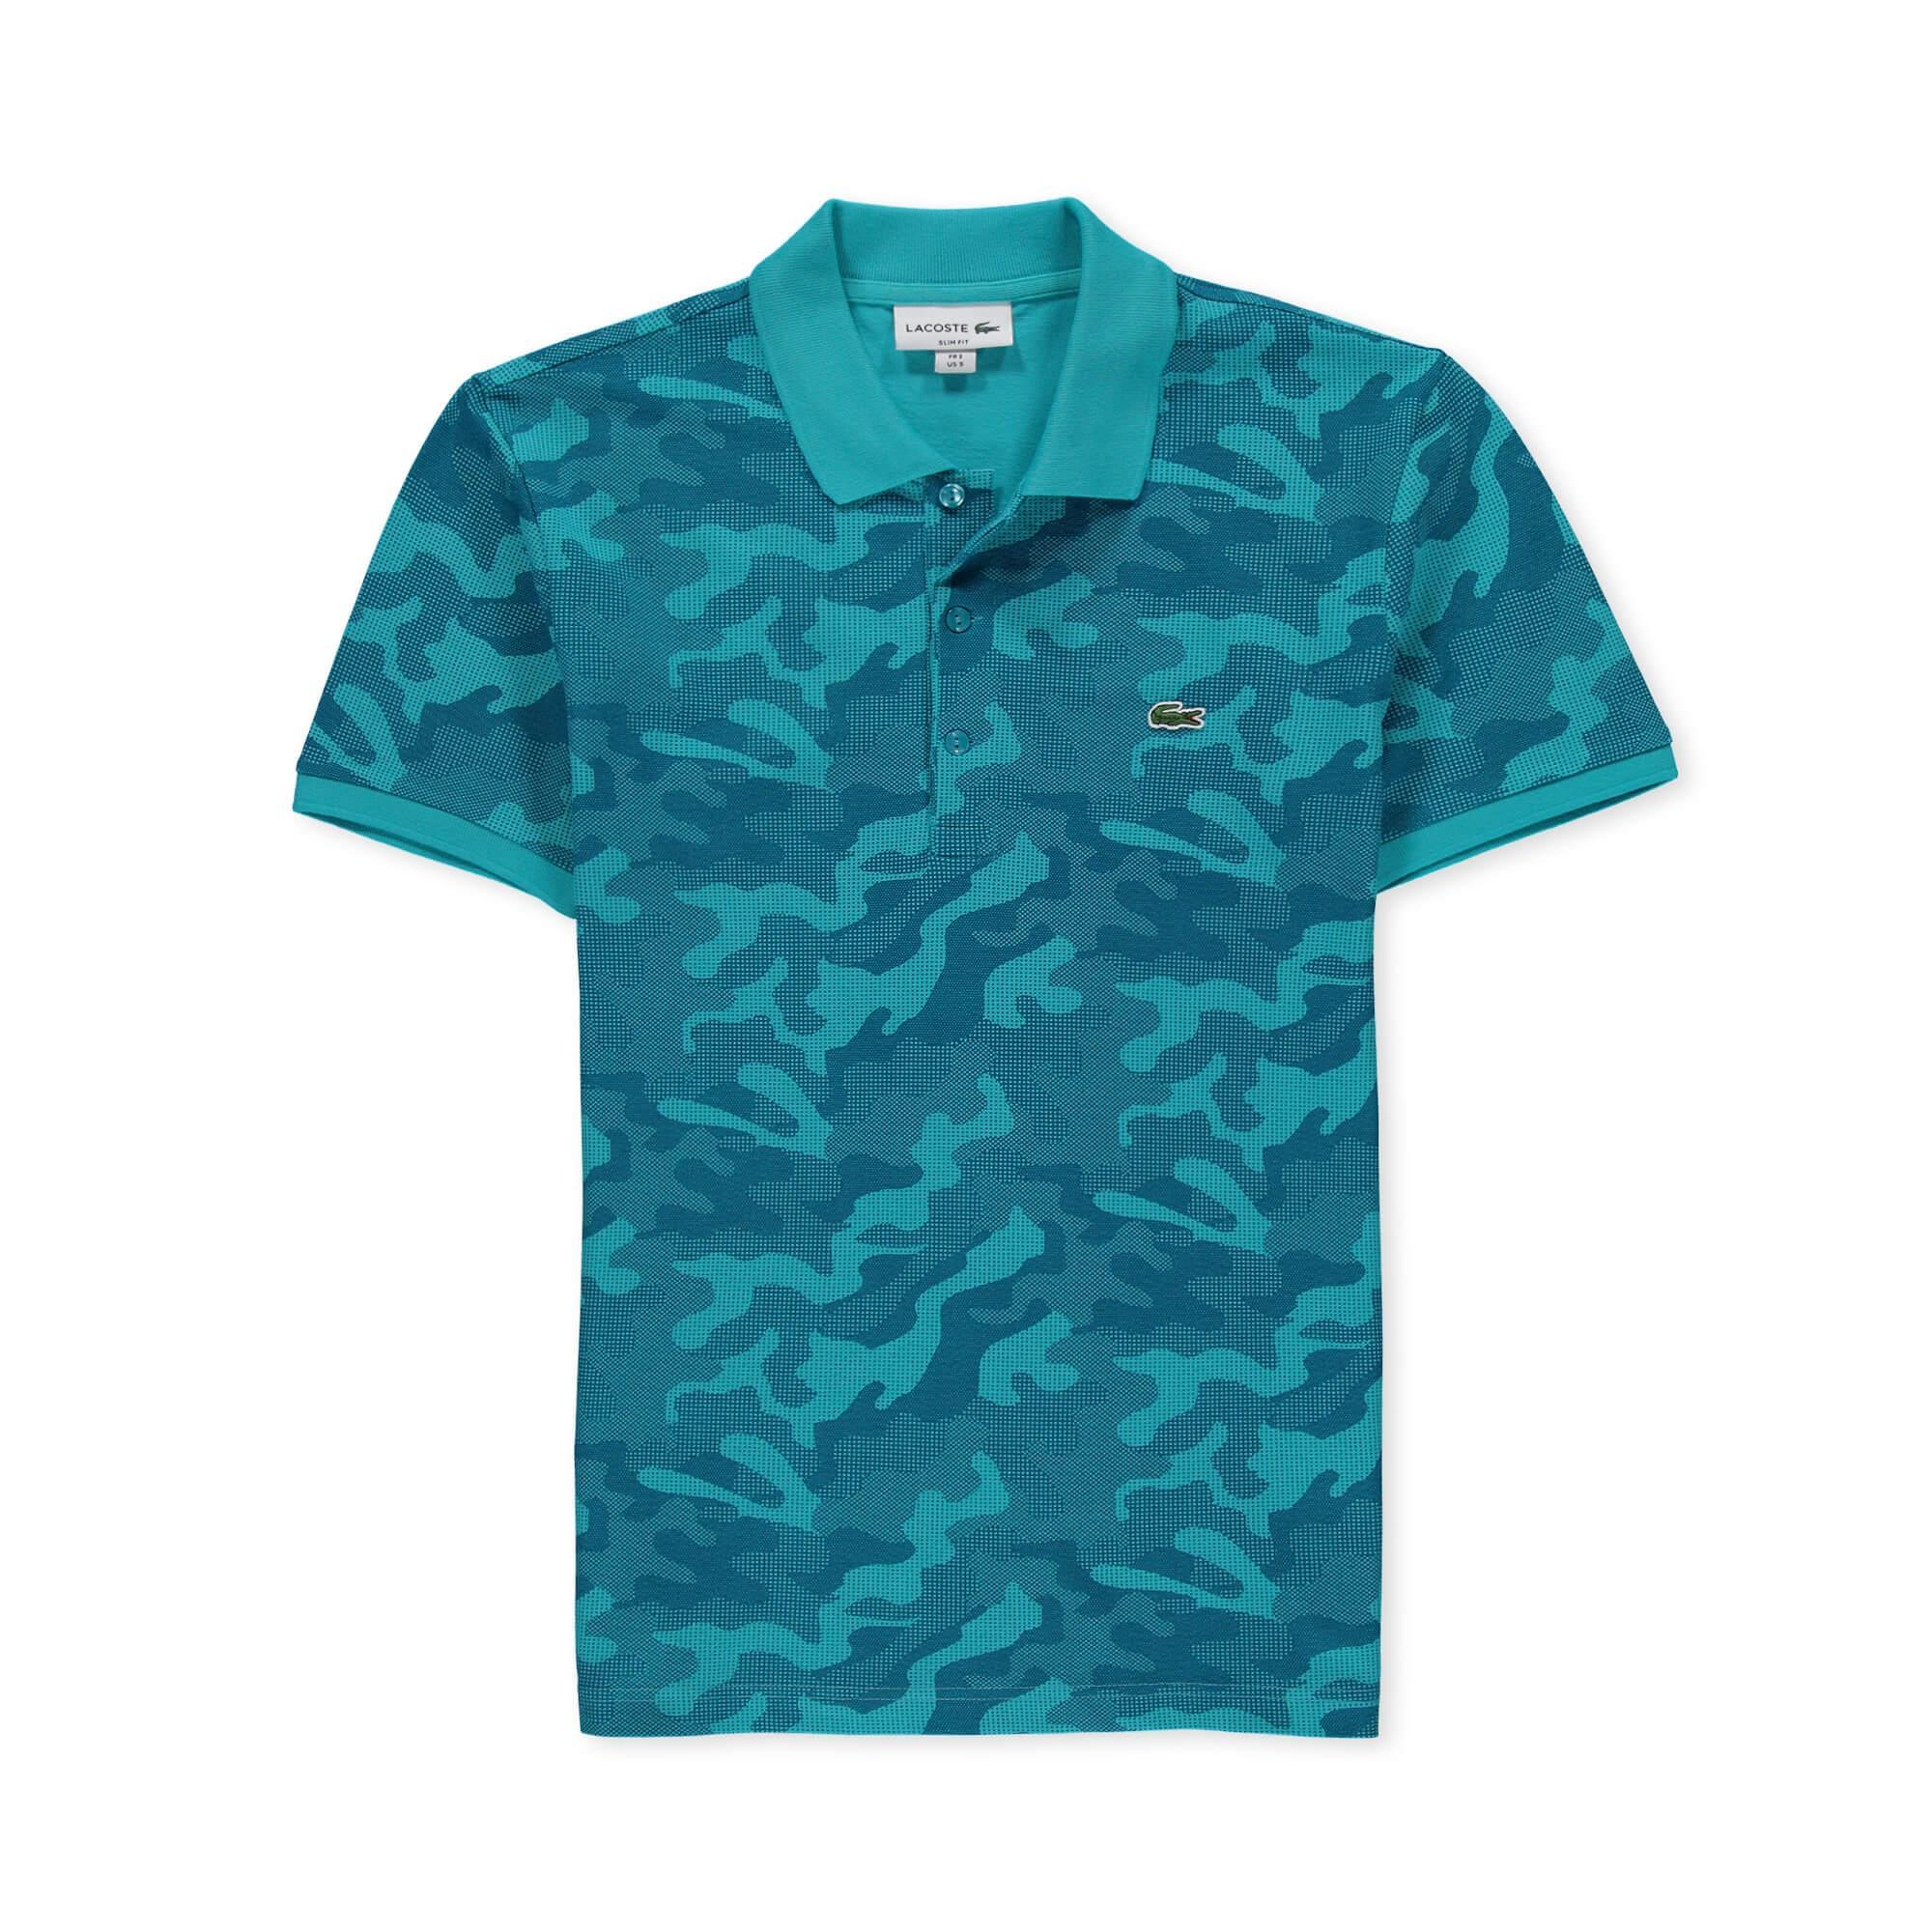 Lacoste Erkek Kamuflaj Desenli Mavi Polo